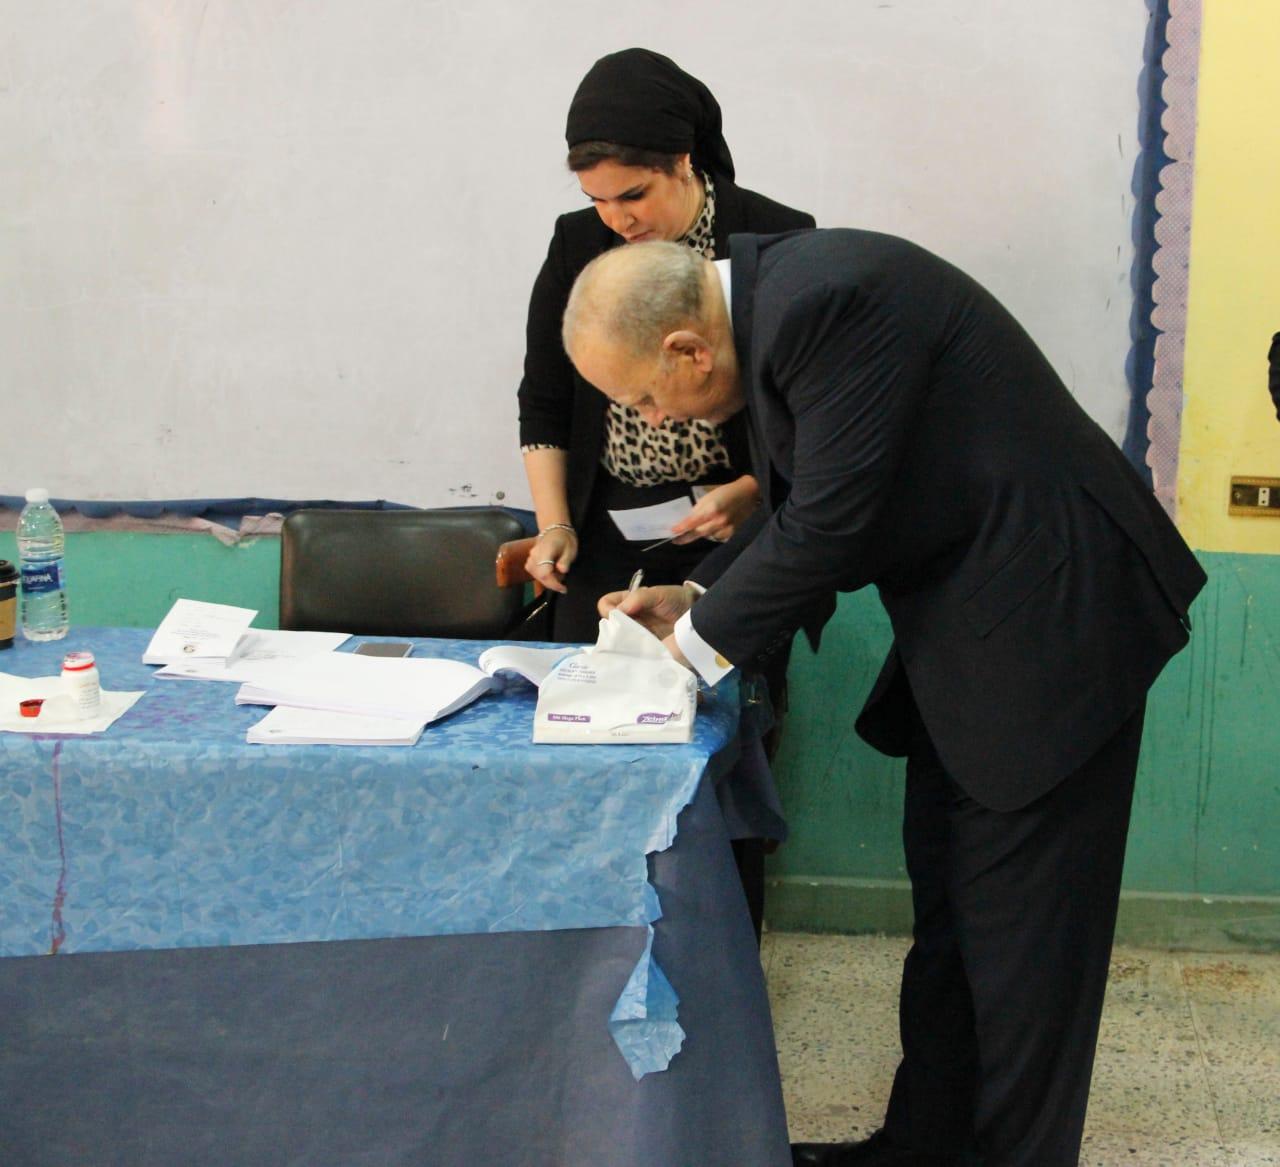 وزير العدل يدلي بصوته فى الاستفتاء على التعديلات الدستورية (4)